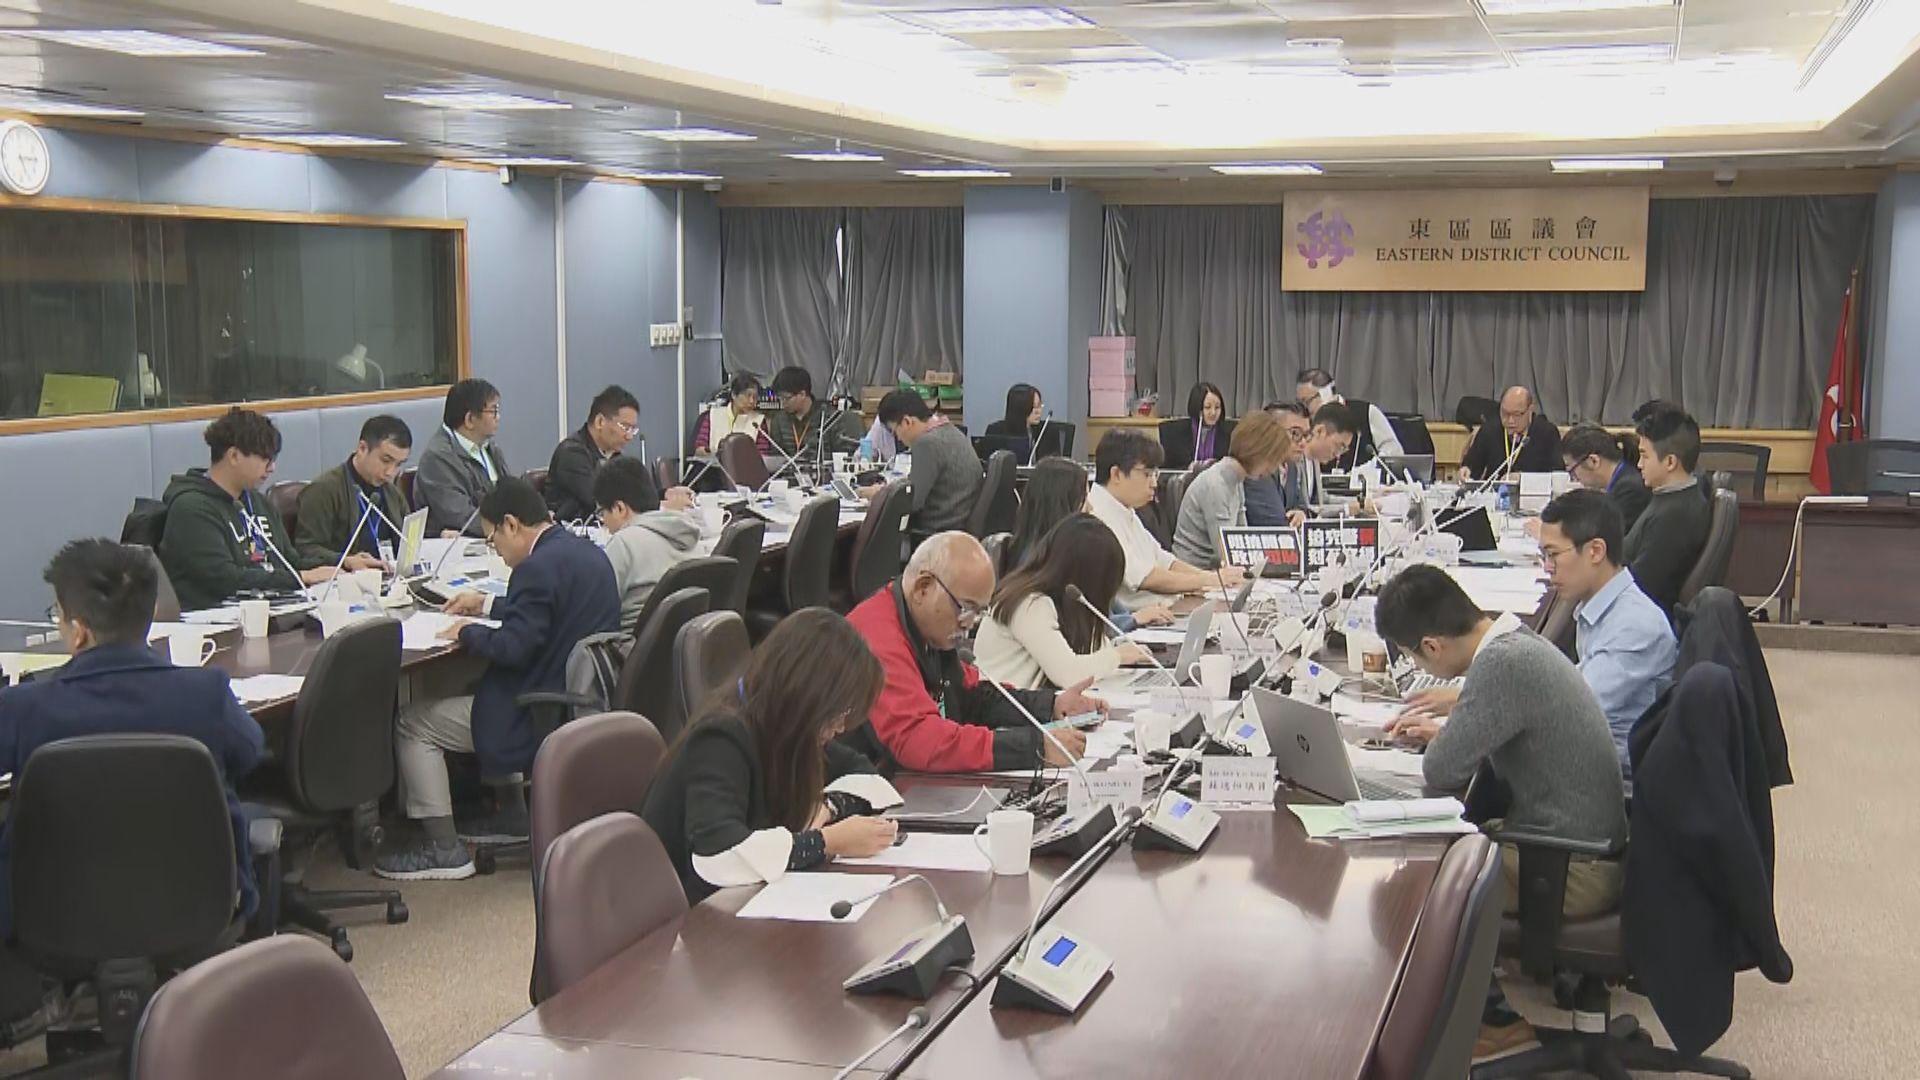 監察警察委員會被質疑越權 東區區議會討論